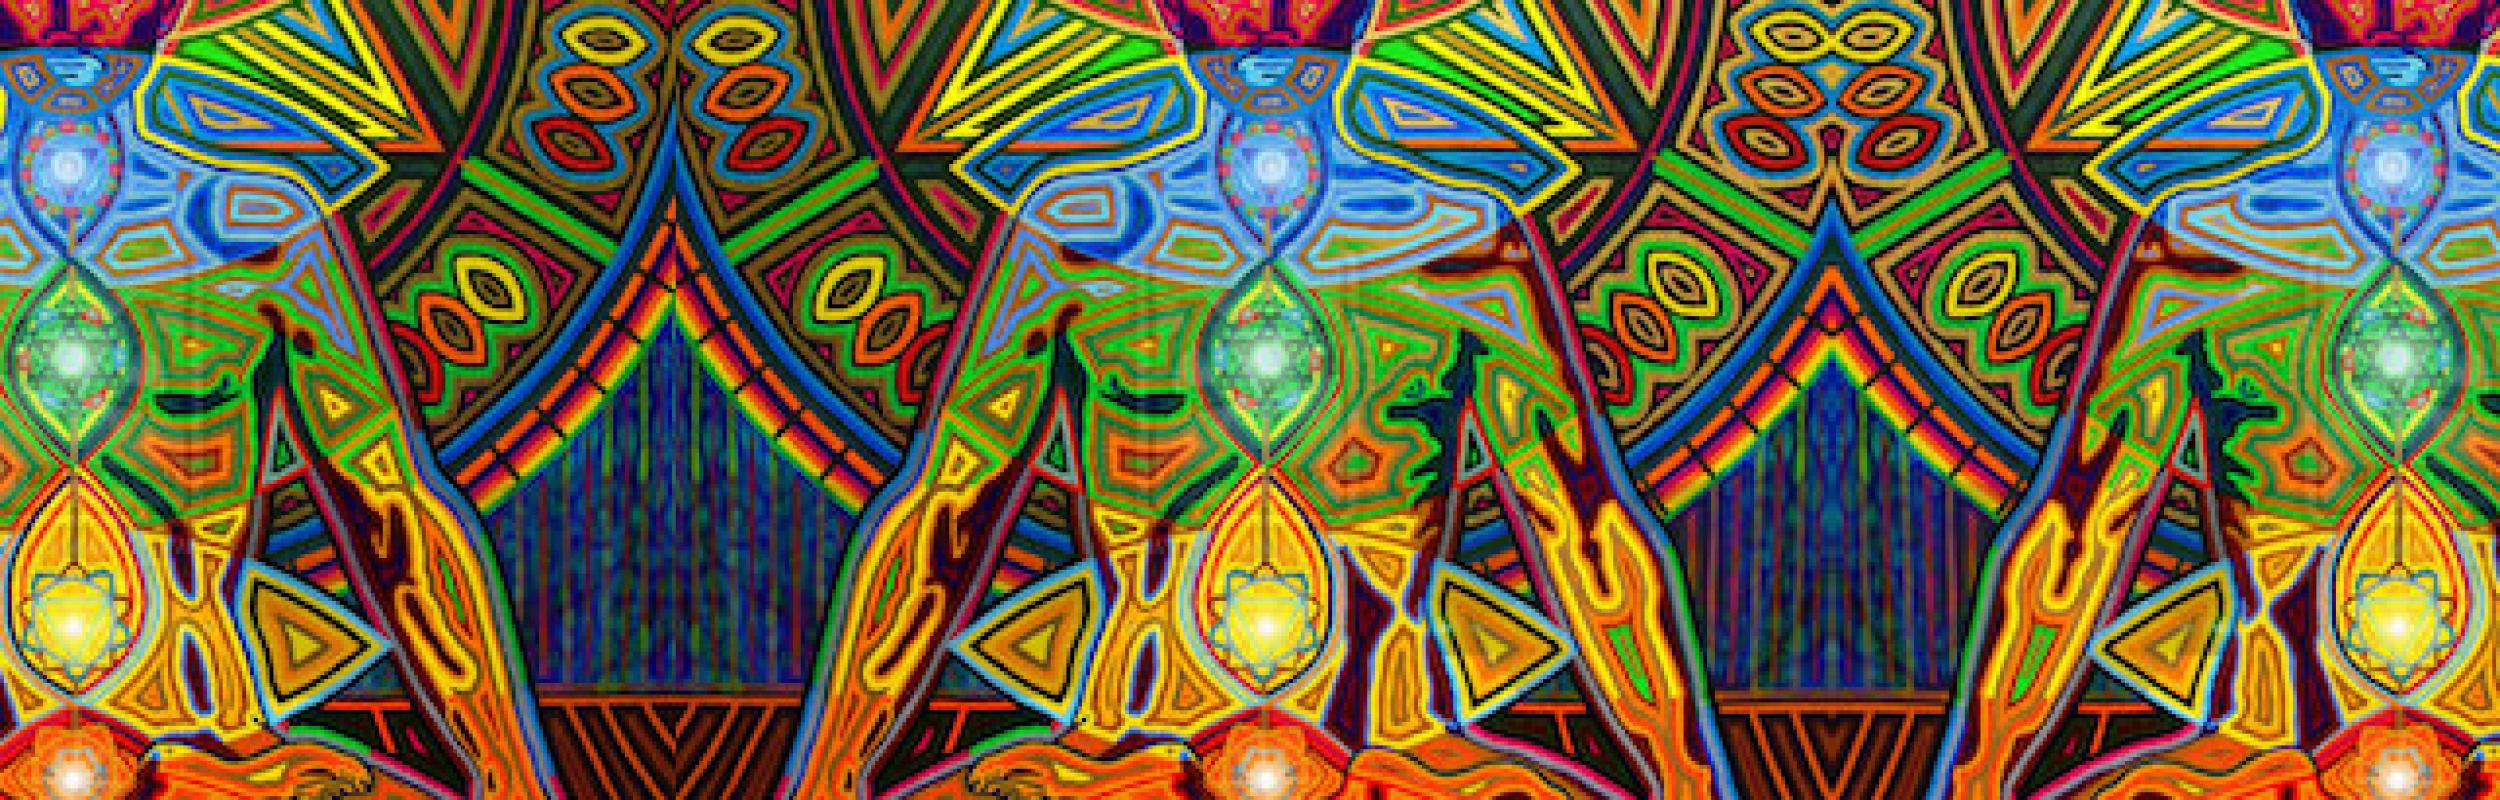 El síndrome de la Kundalini como emergencia espiritual